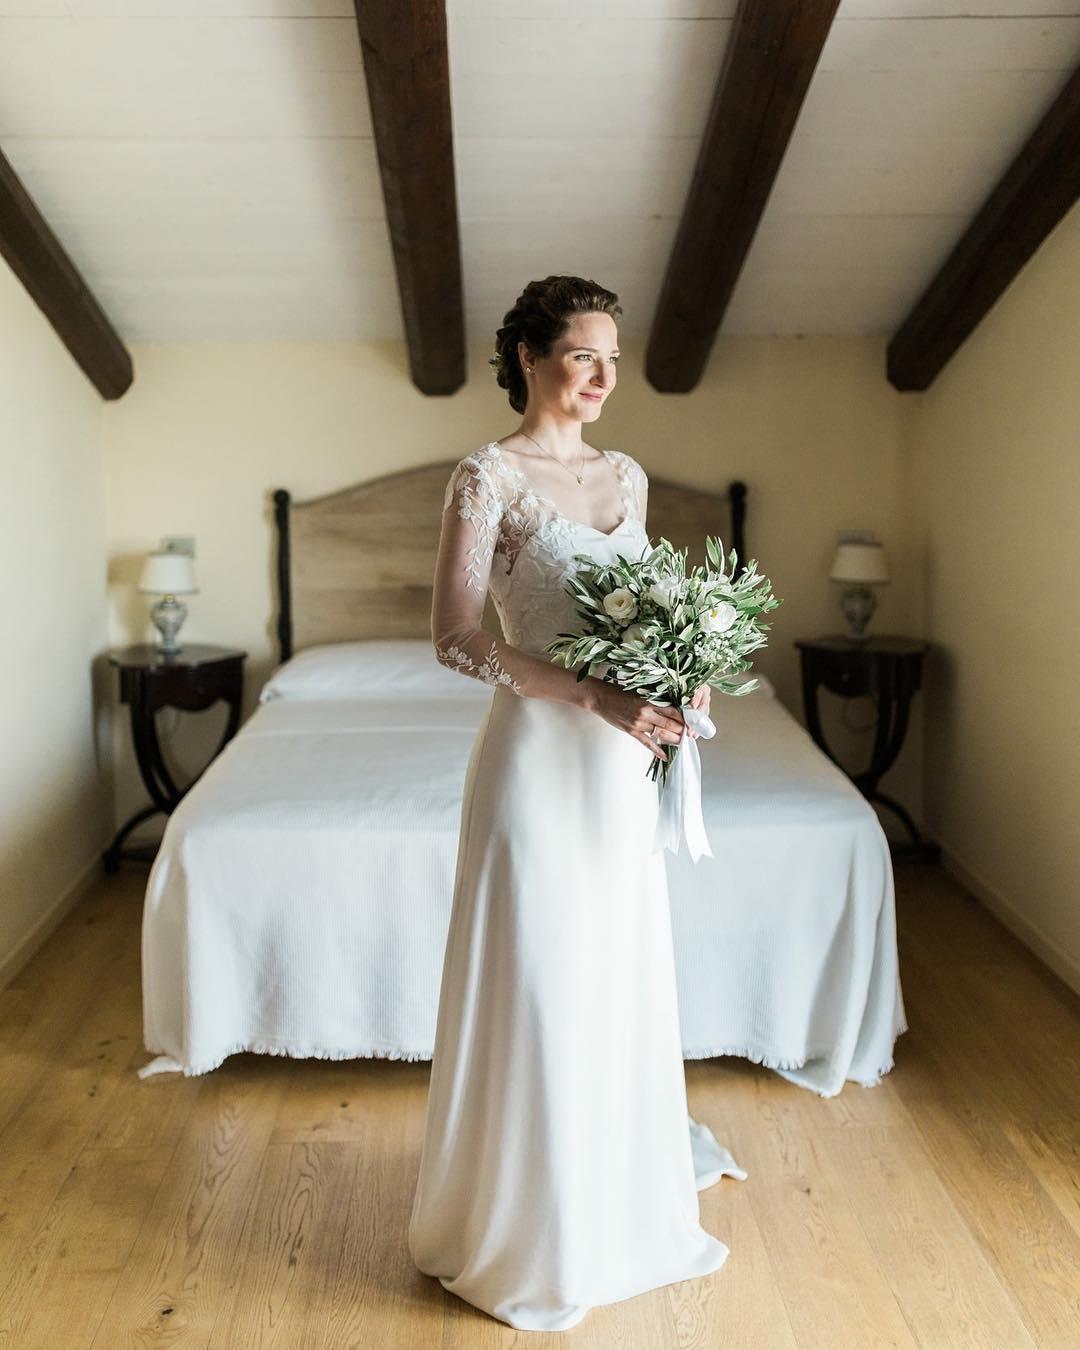 Robe de mariée haute couture Valentine Avoh